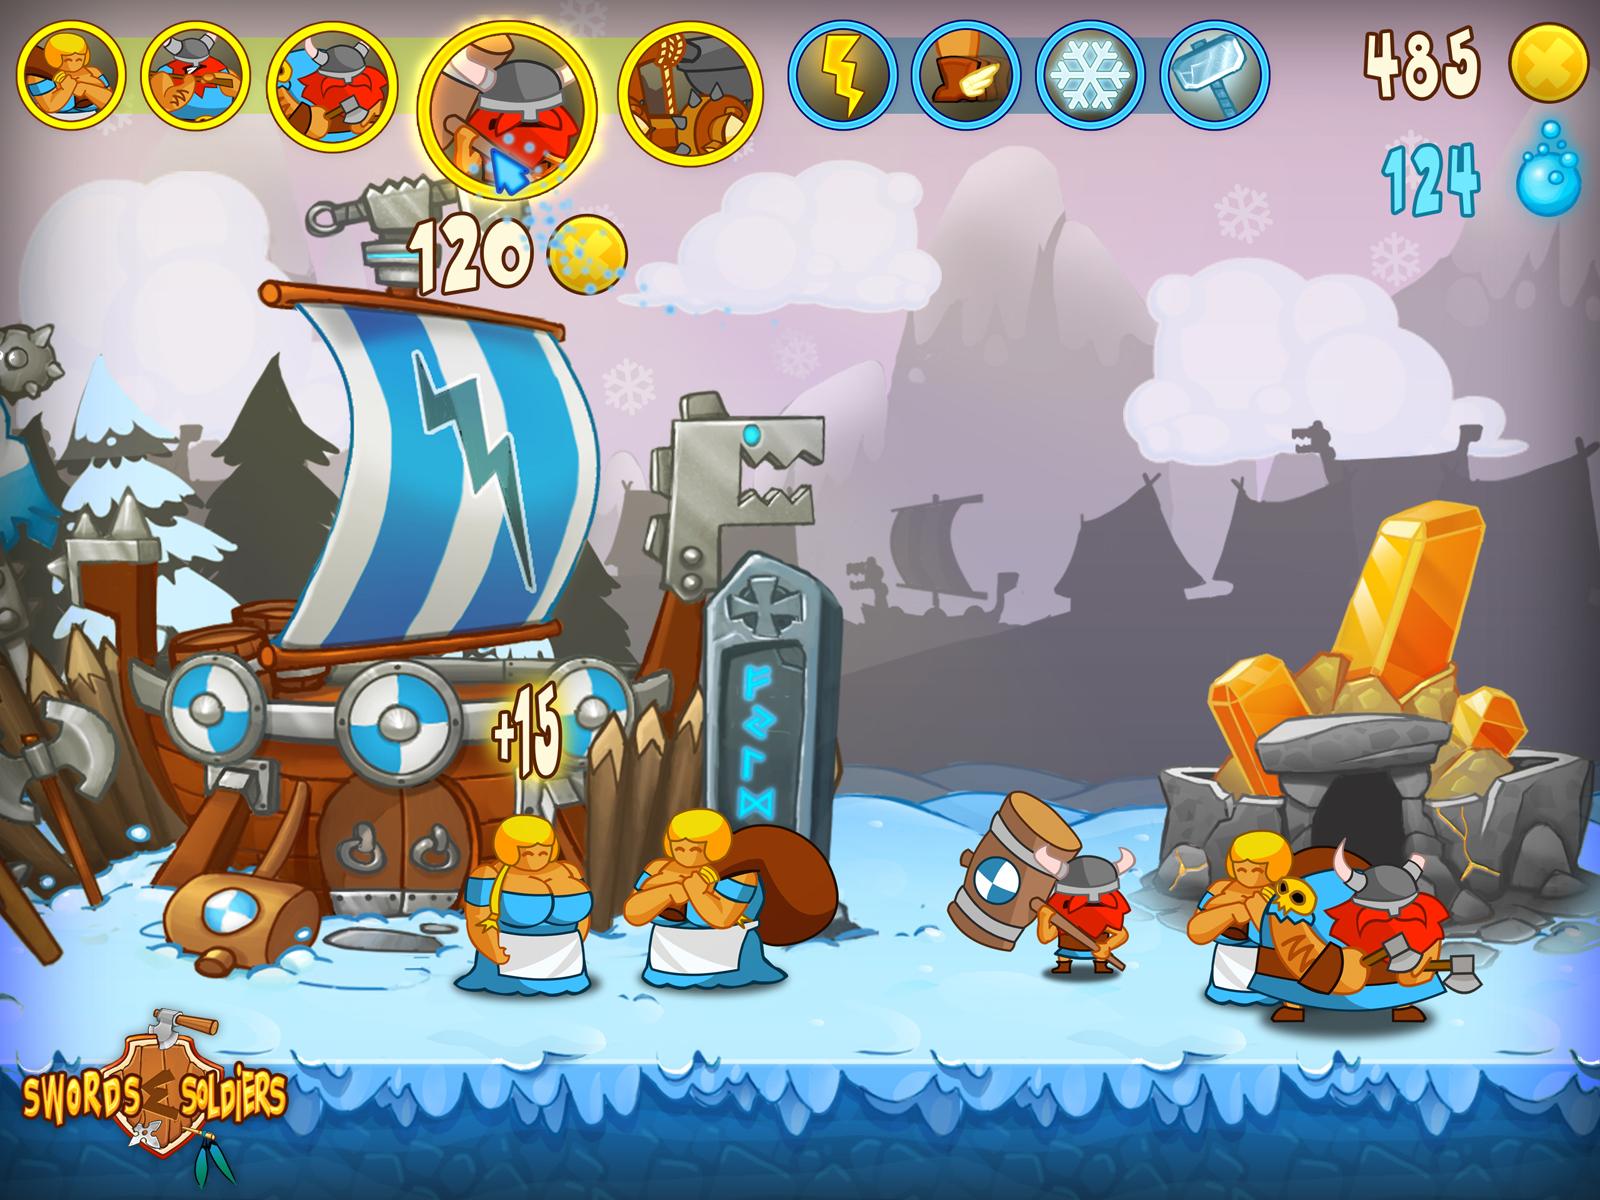 http://www.ronimo-games.com/portfolio/sns/screenshot1_1600x1200.jpg